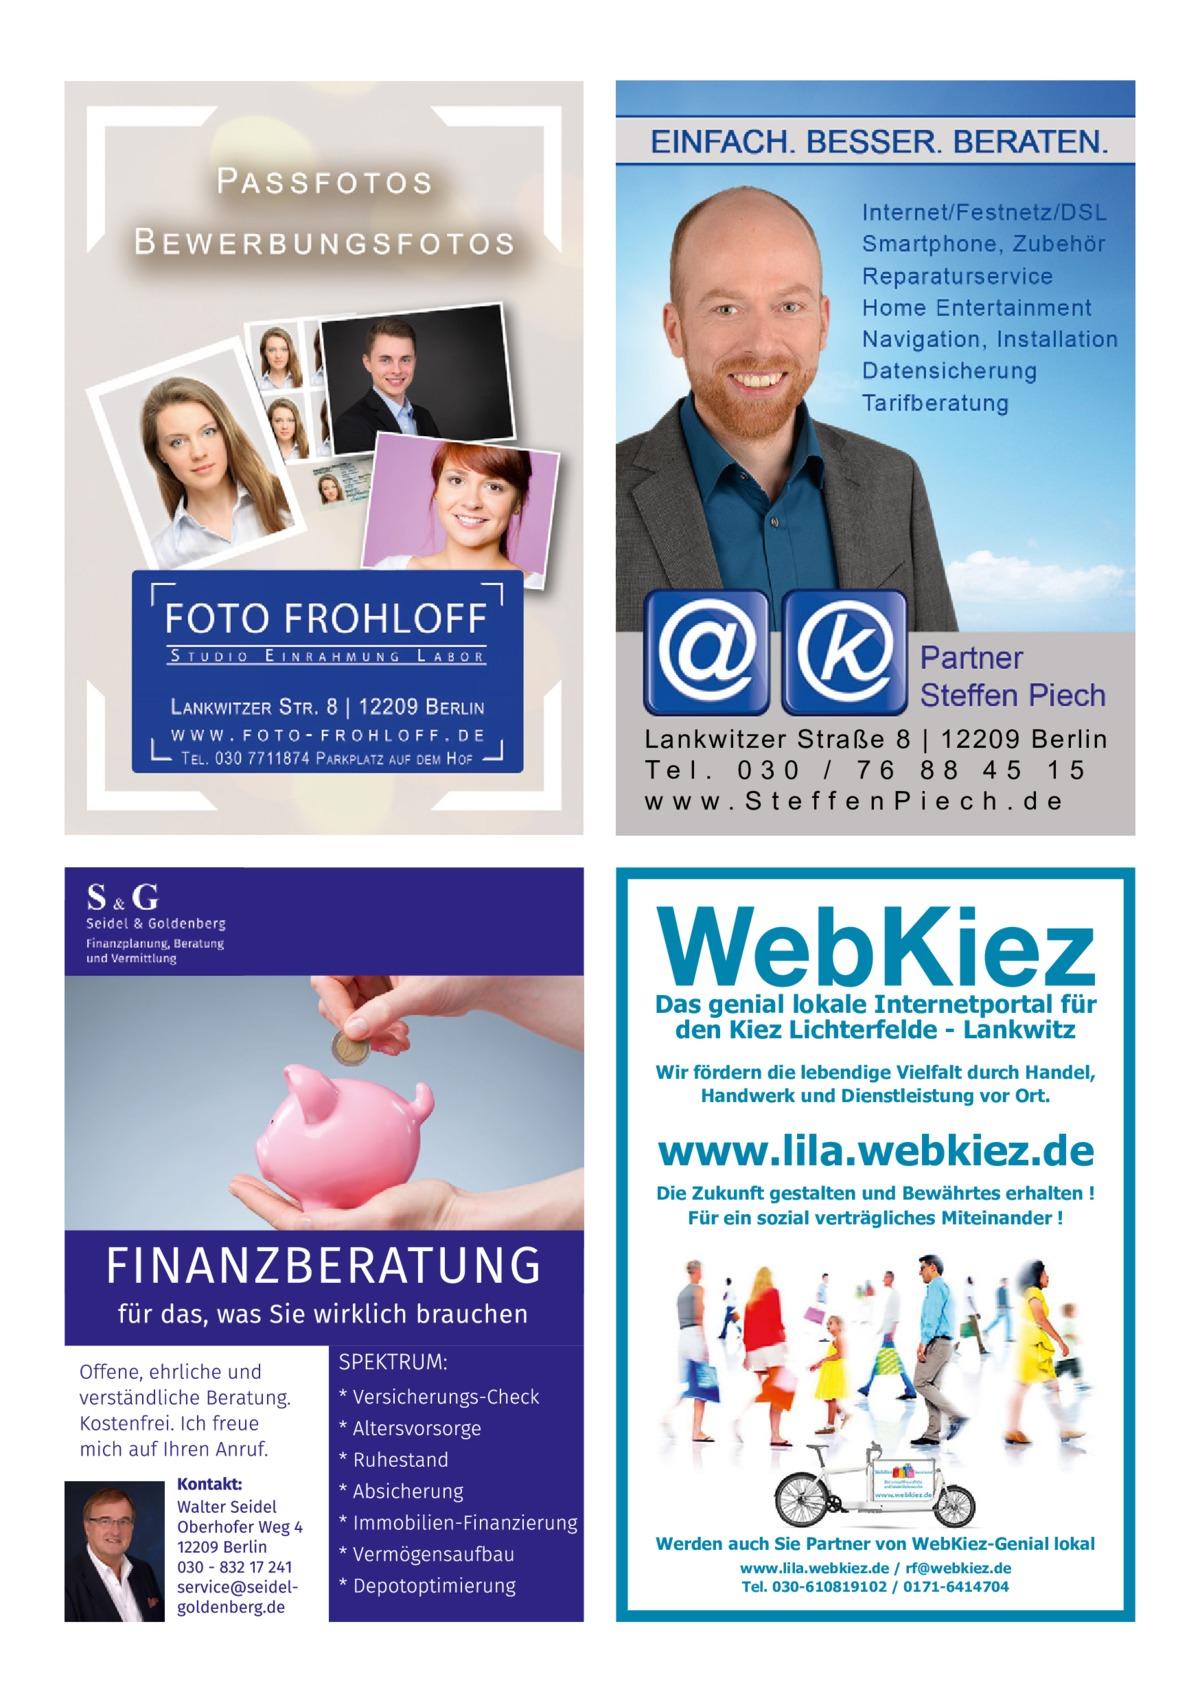 Lankwitzer Straße 8 | 12209 Berlin Te l . 0 3 0 / 7 6 8 8 4 5 1 5 www.SteffenPiech.de  Das genial lokale Internetportal für den Kiez Lichterfelde - Lankwitz Wir fördern die lebendige Vielfalt durch Handel, Handwerk und Dienstleistung vor Ort.  www.lila.webkiez.de  Die Zukunft gestalten und Bewährtes erhalten ! Für ein sozial verträgliches Miteinander !  Werden auch Sie Partner von WebKiez-Genial lokal www.lila.webkiez.de / rf@webkiez.de Tel. 030-610819102 / 0171-6414704